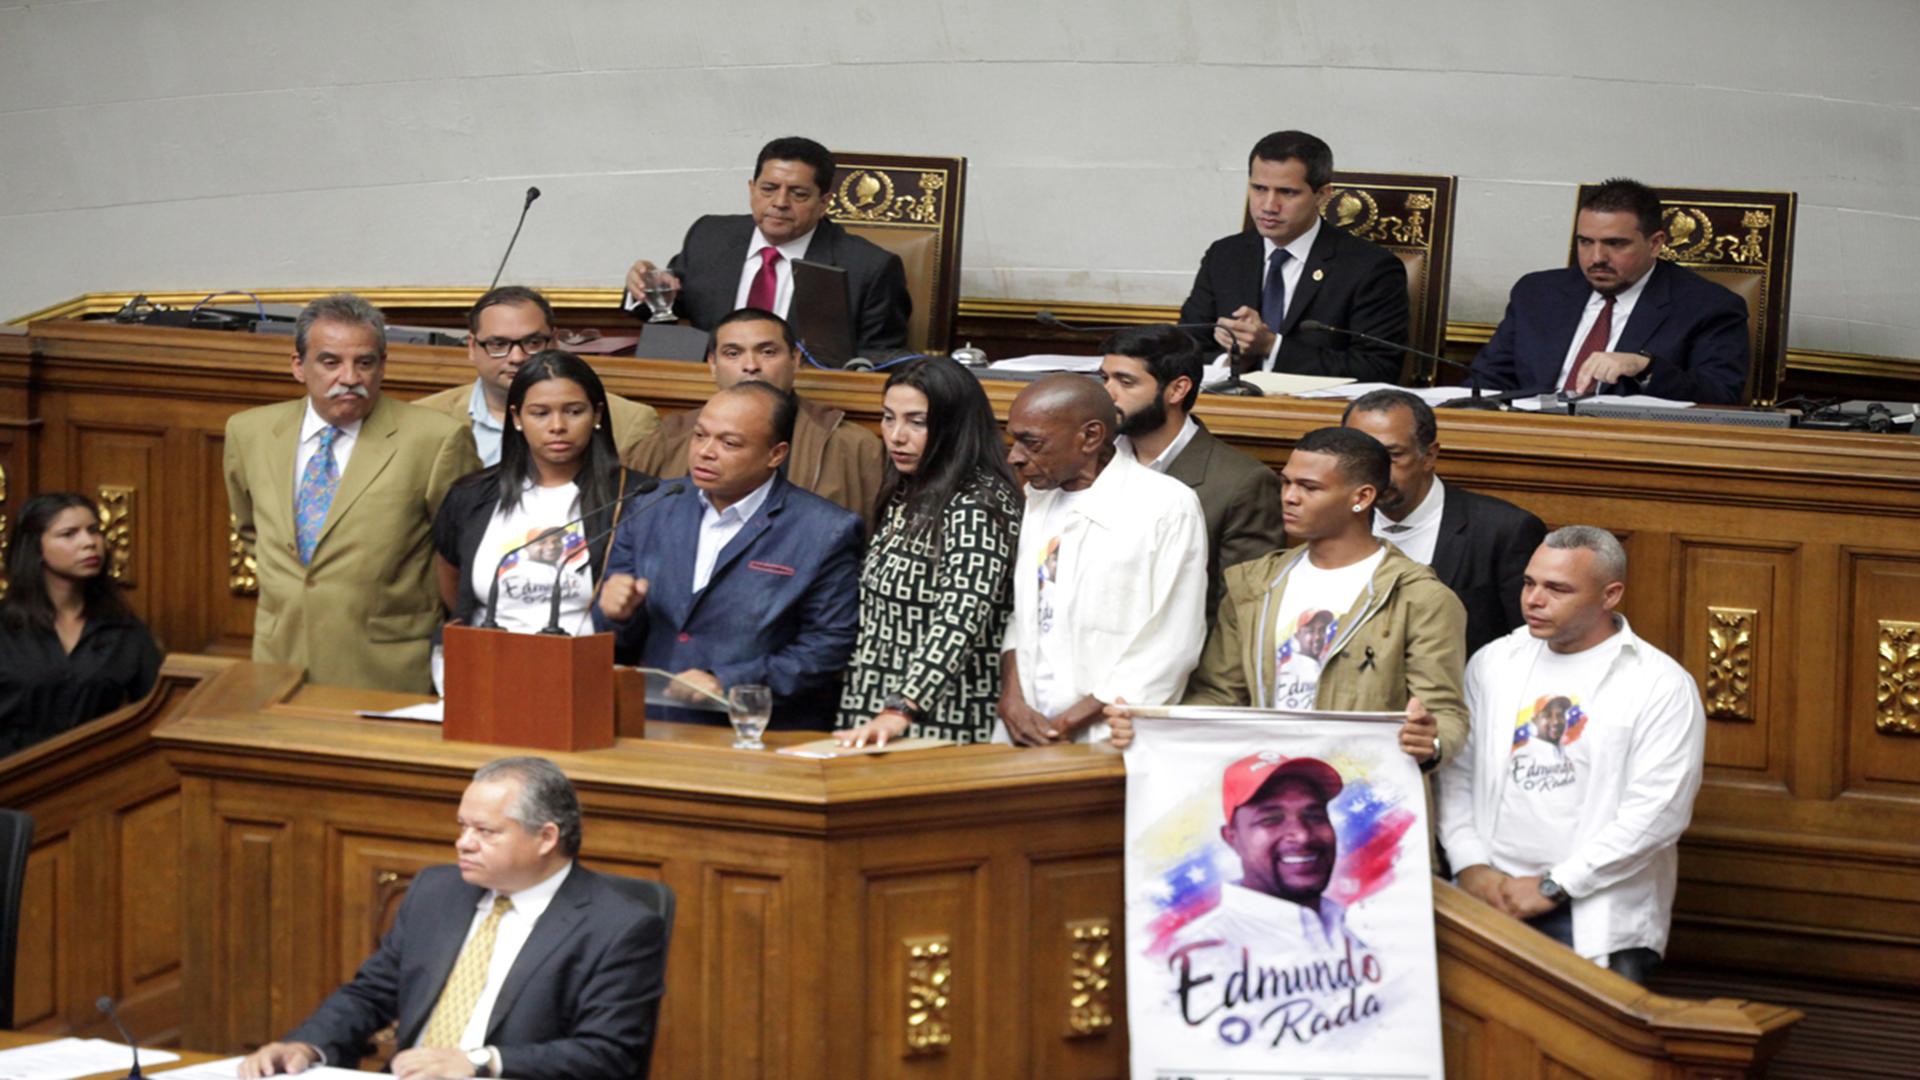 El minuto de silencio se extiende en la Asamblea Nacional